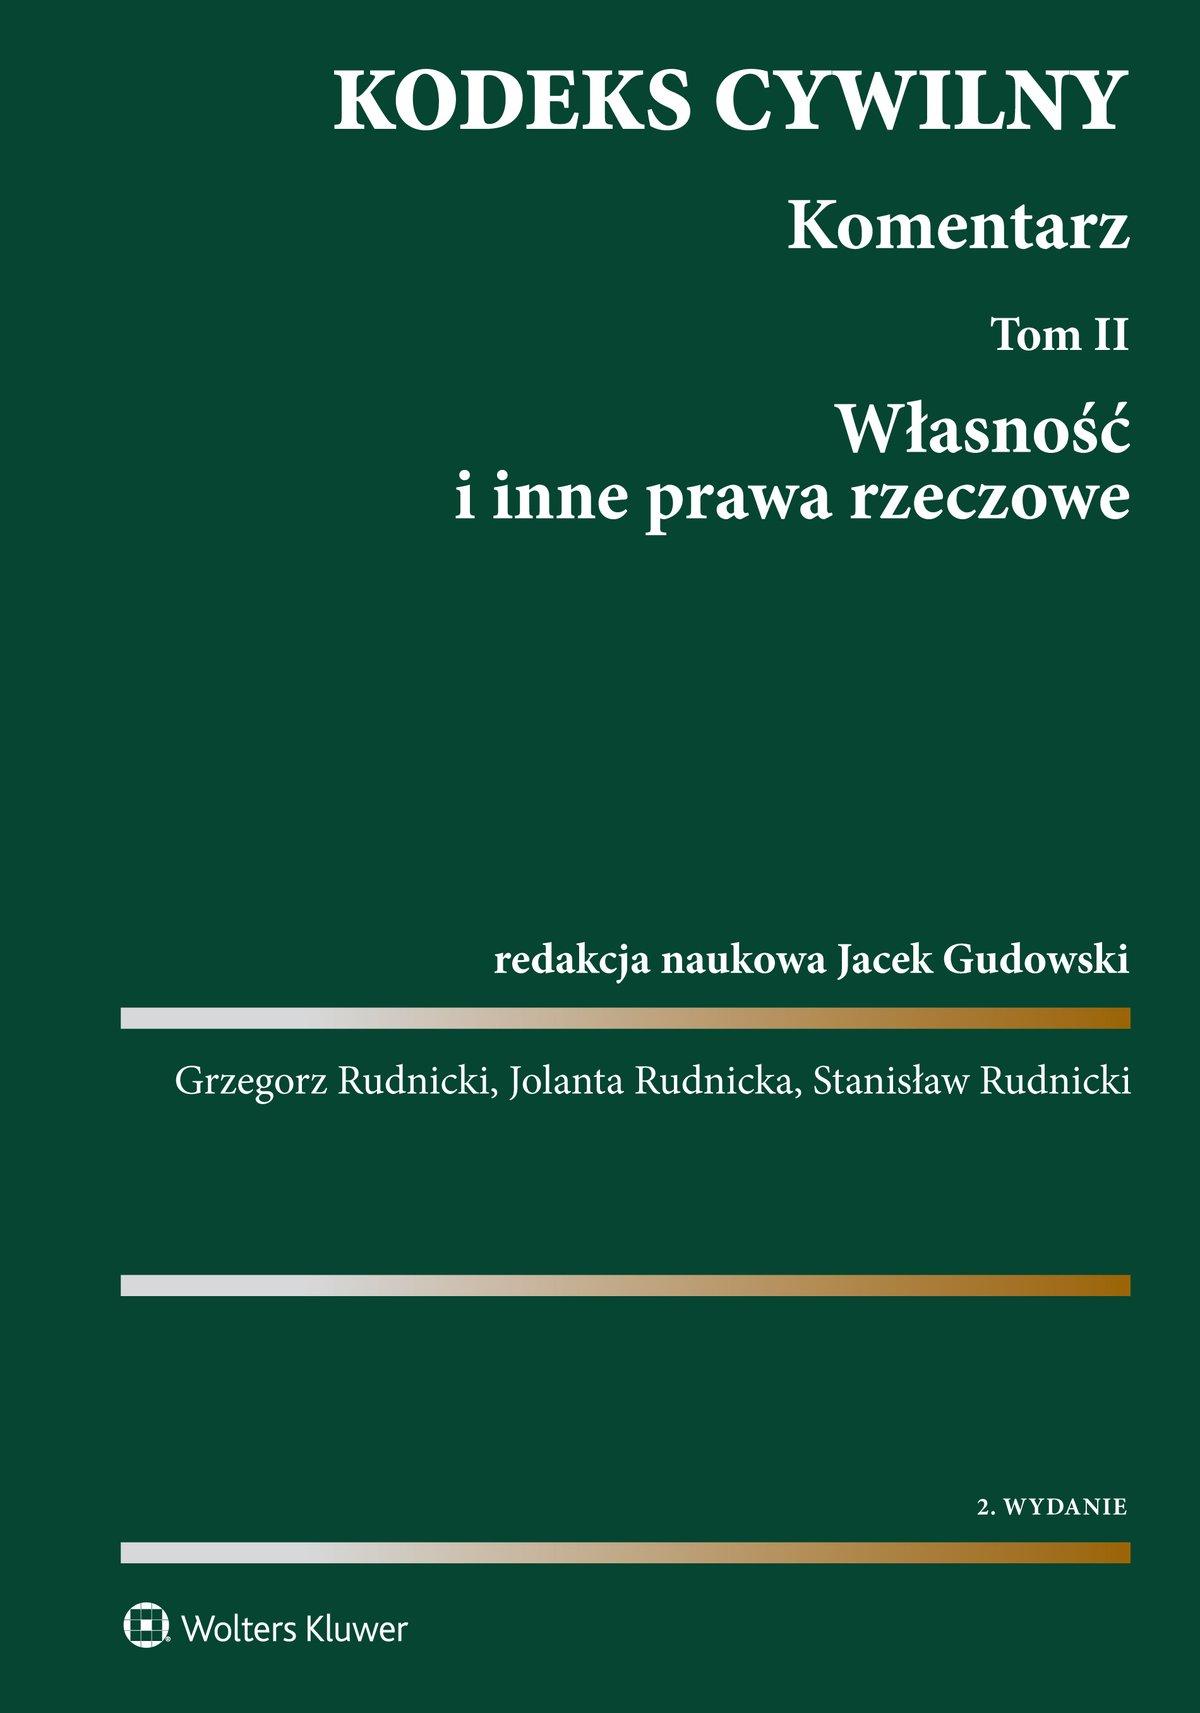 Kodeks cywilny. Komentarz. Tom 2. Własność i inne prawa rzeczowe - Ebook (Książka EPUB) do pobrania w formacie EPUB